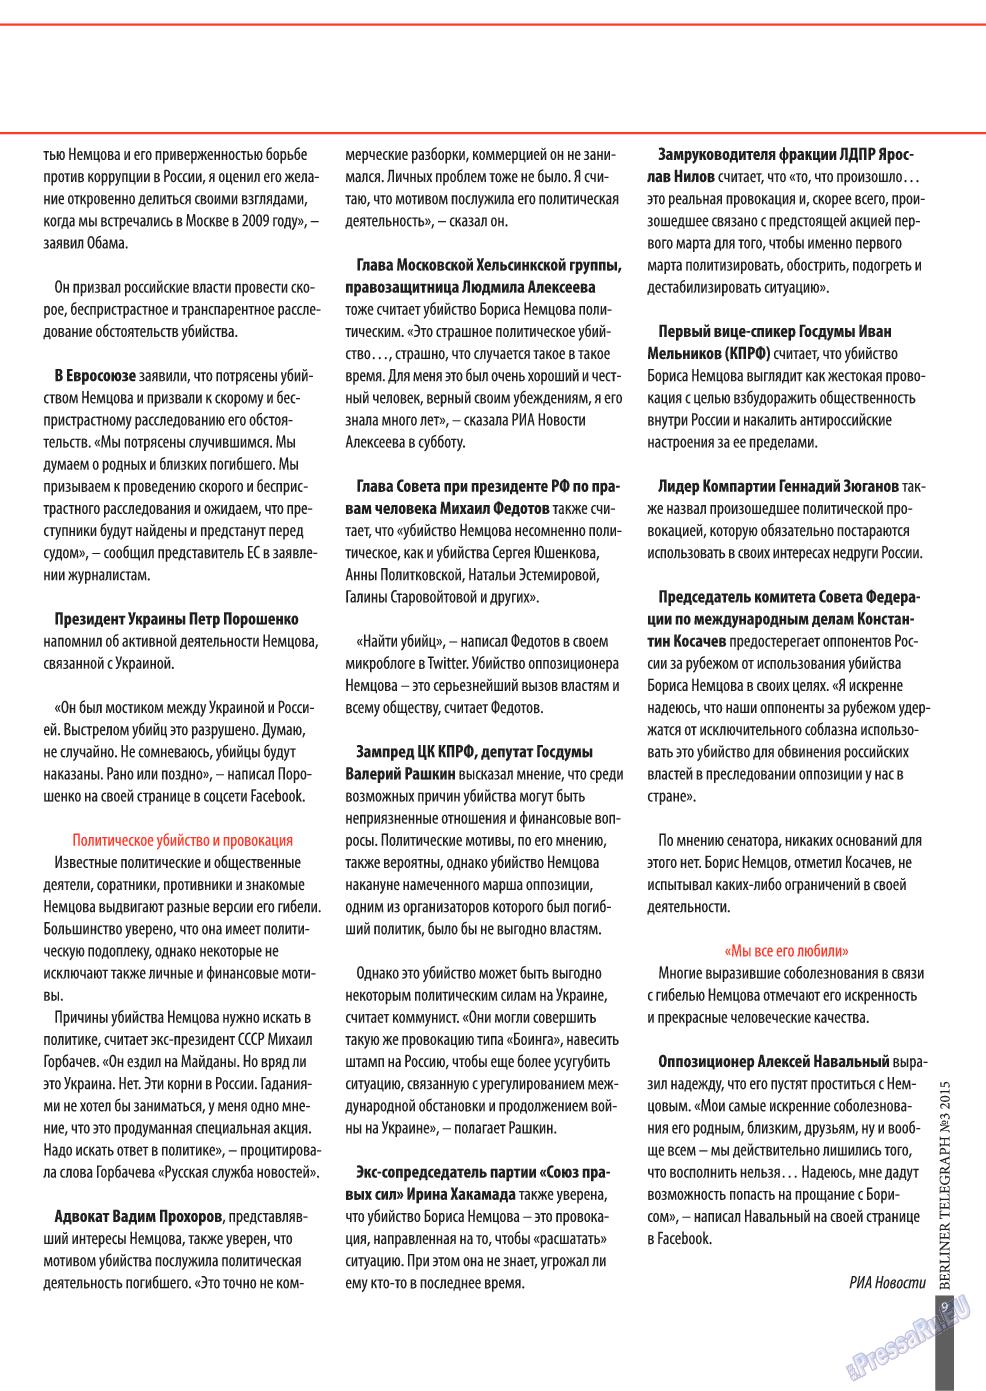 Берлинский телеграф (журнал). 2015 год, номер 3, стр. 9